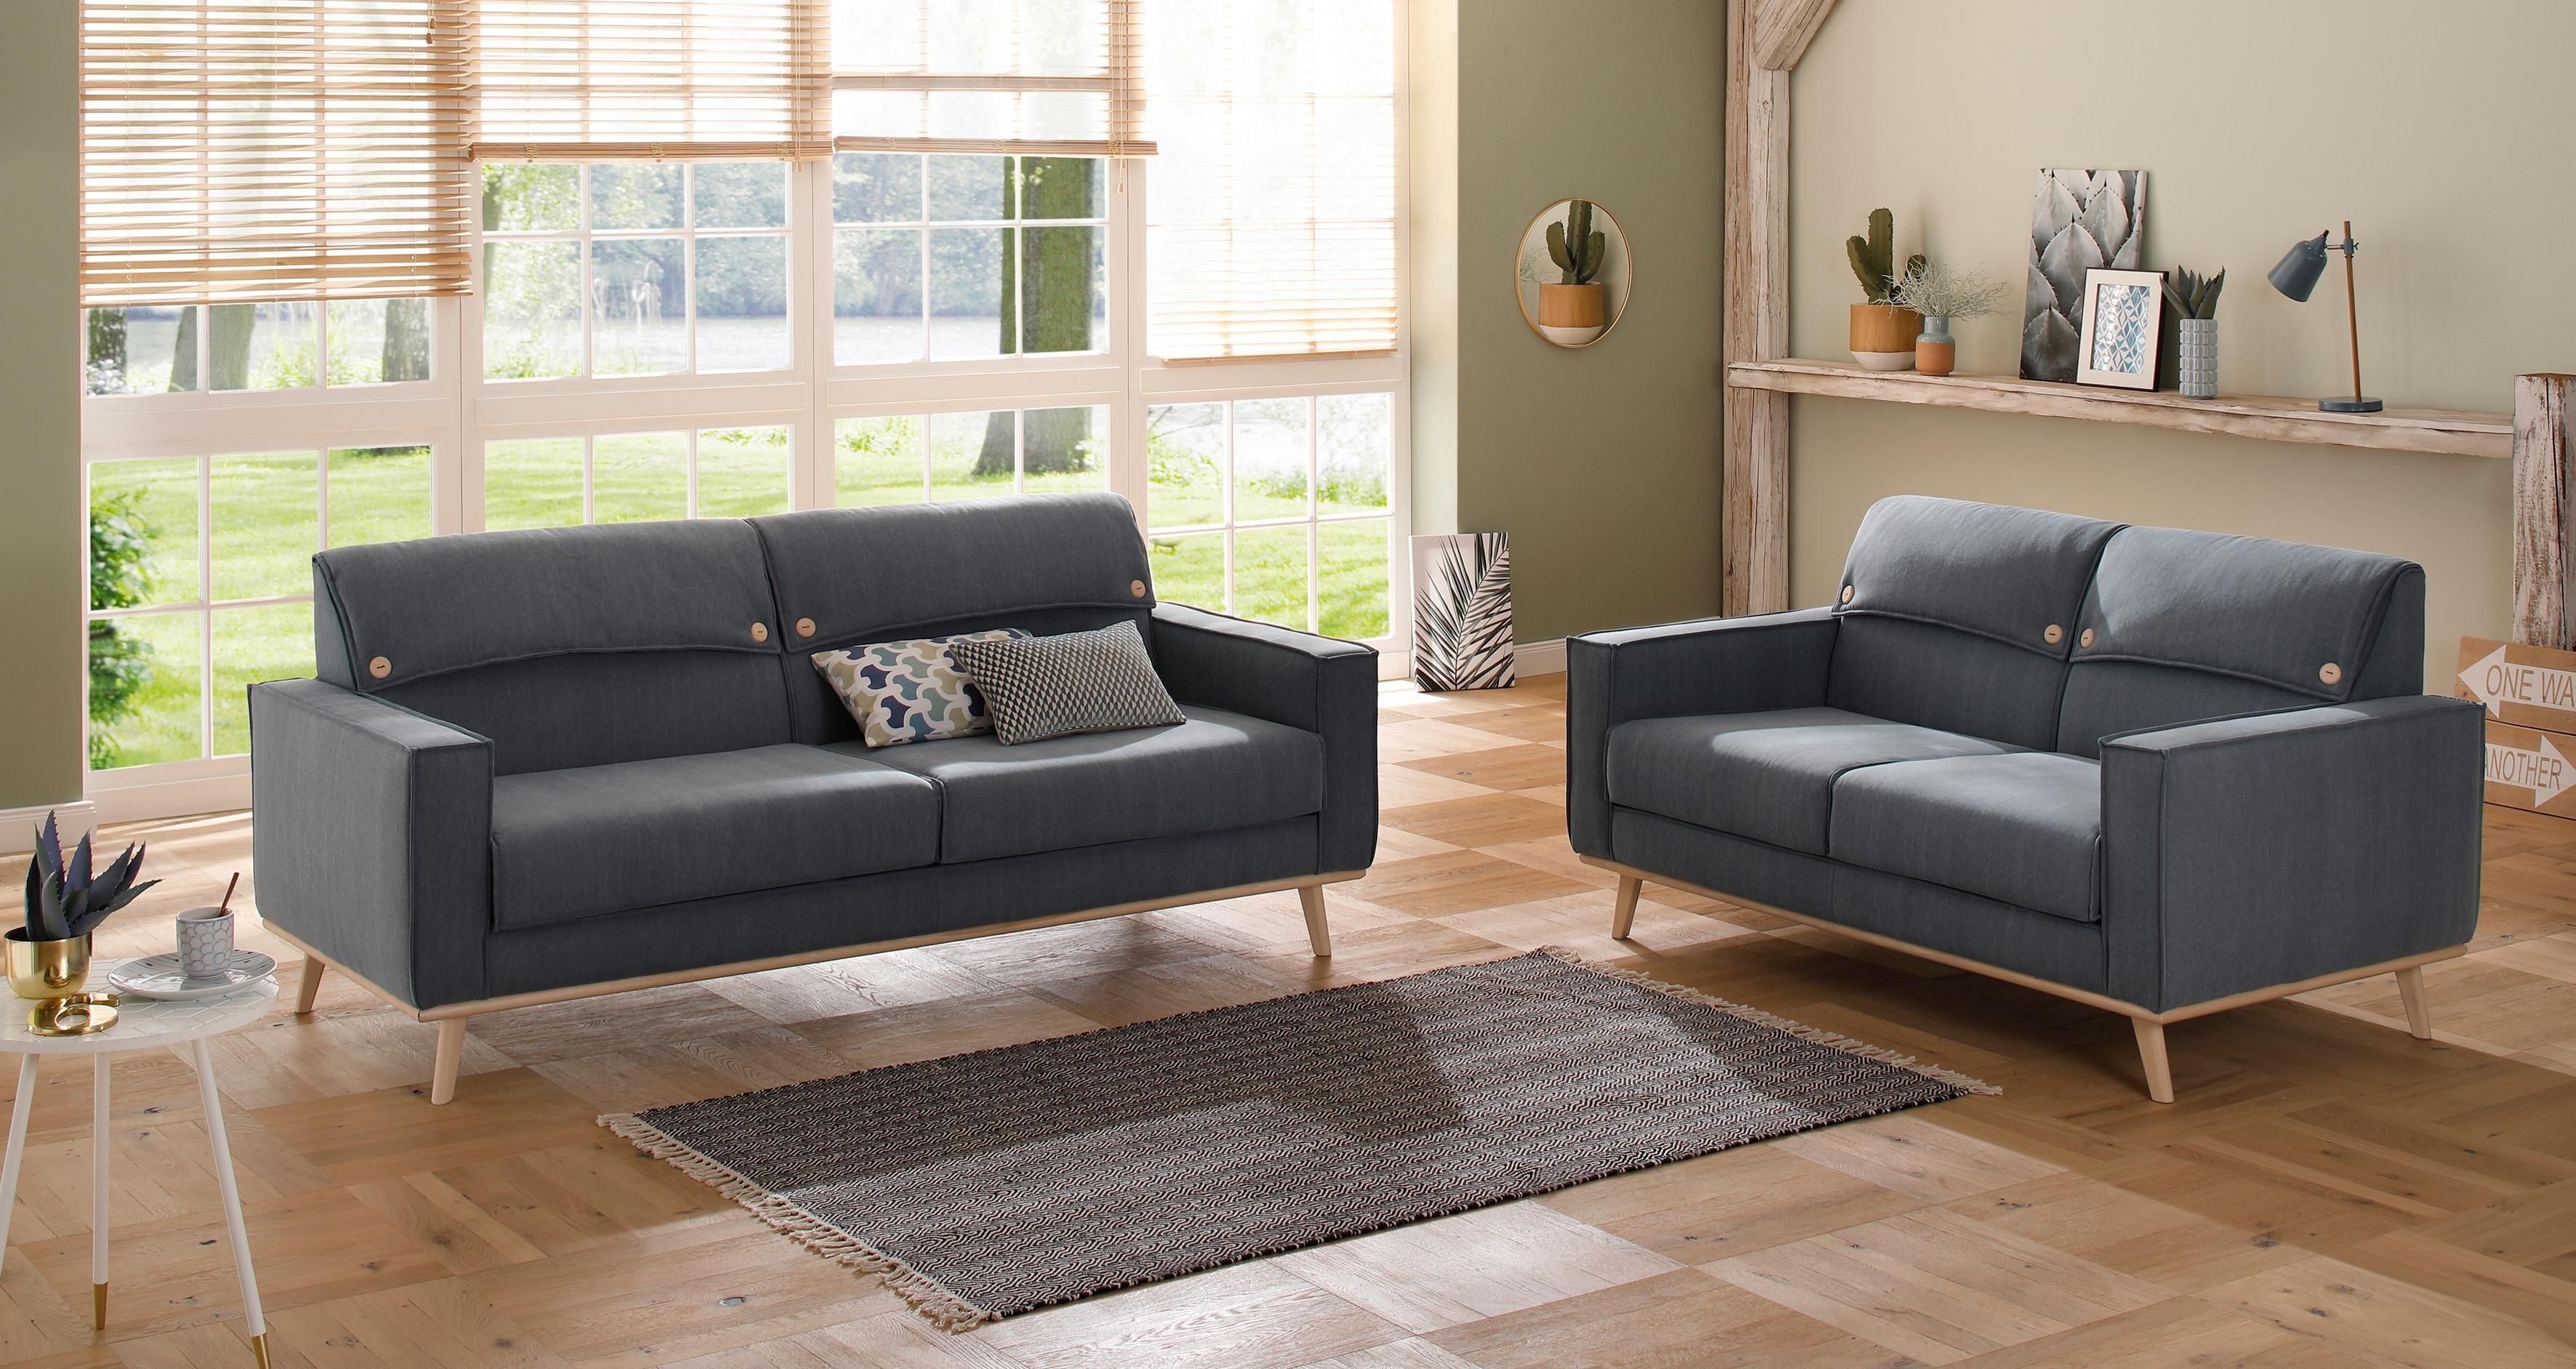 Home affaire 3-Sitzer und 2-Sitzer »Fjord« als Set, Kopfpolster mit Knöpfen, Keder | Wohnzimmer > Sofas & Couches > Garnituren | Home affaire